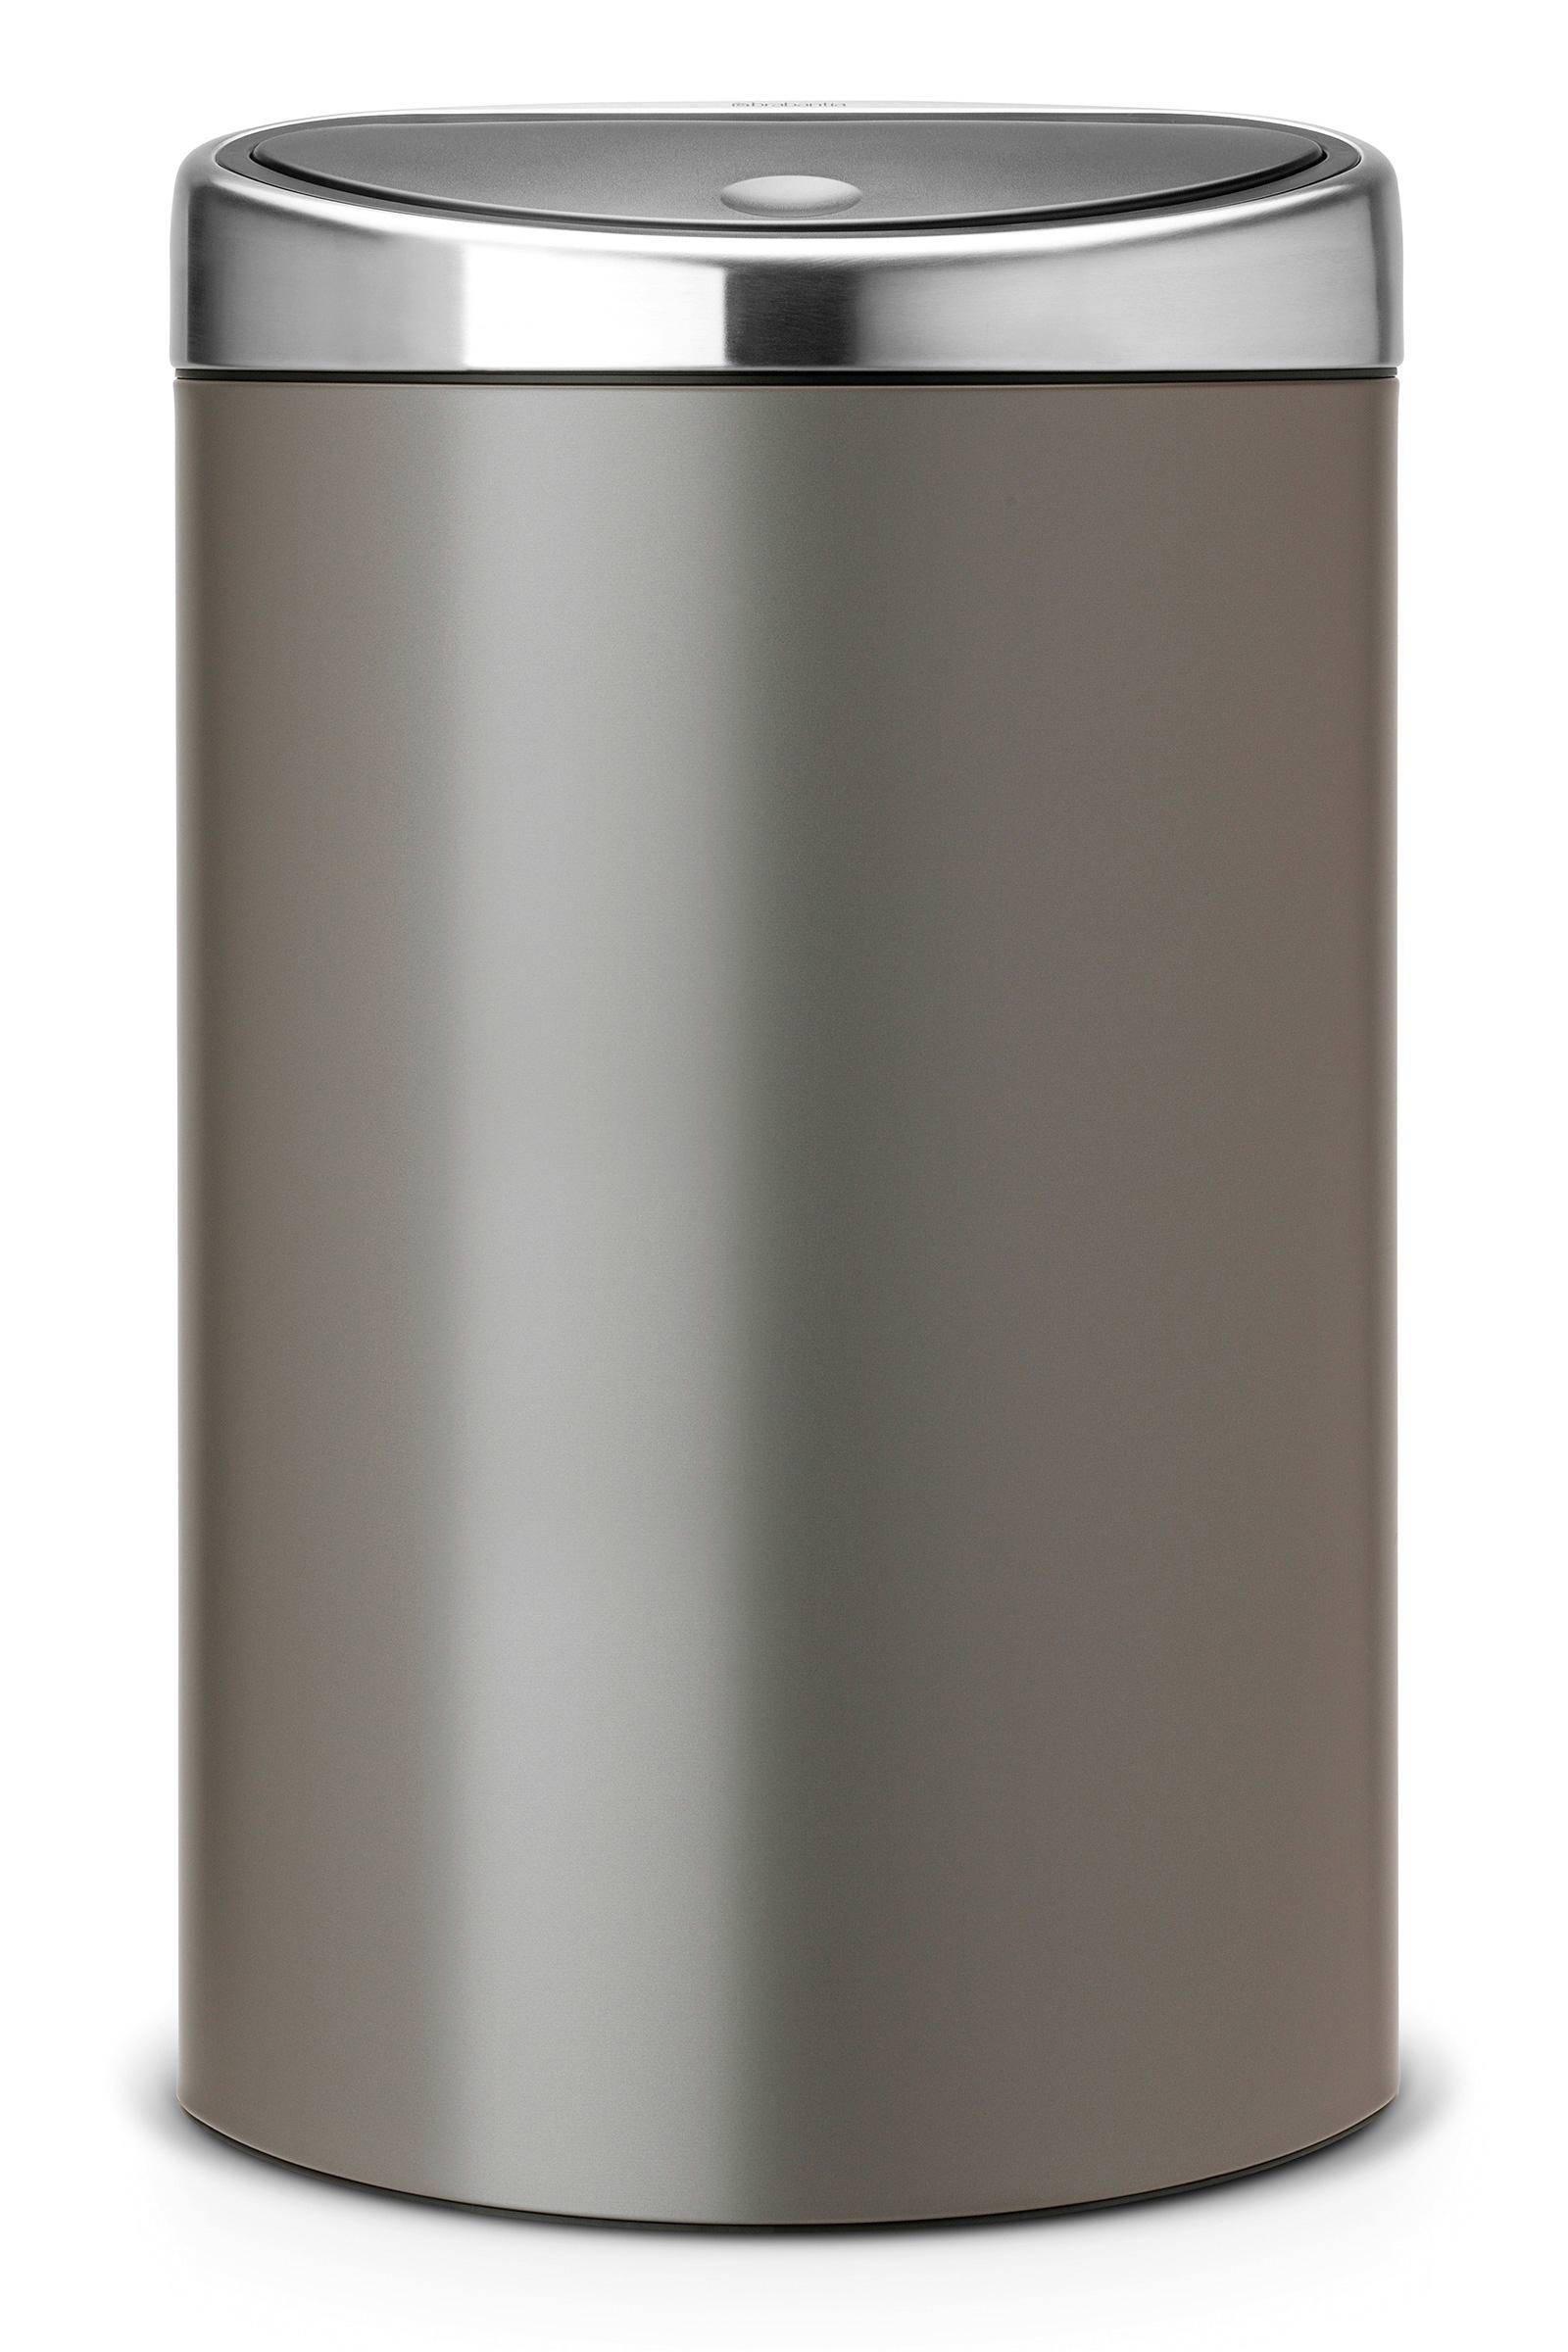 Brabantia Vuilnisbak 40 Liter.Touch Bin 40 Liter Prullenbak